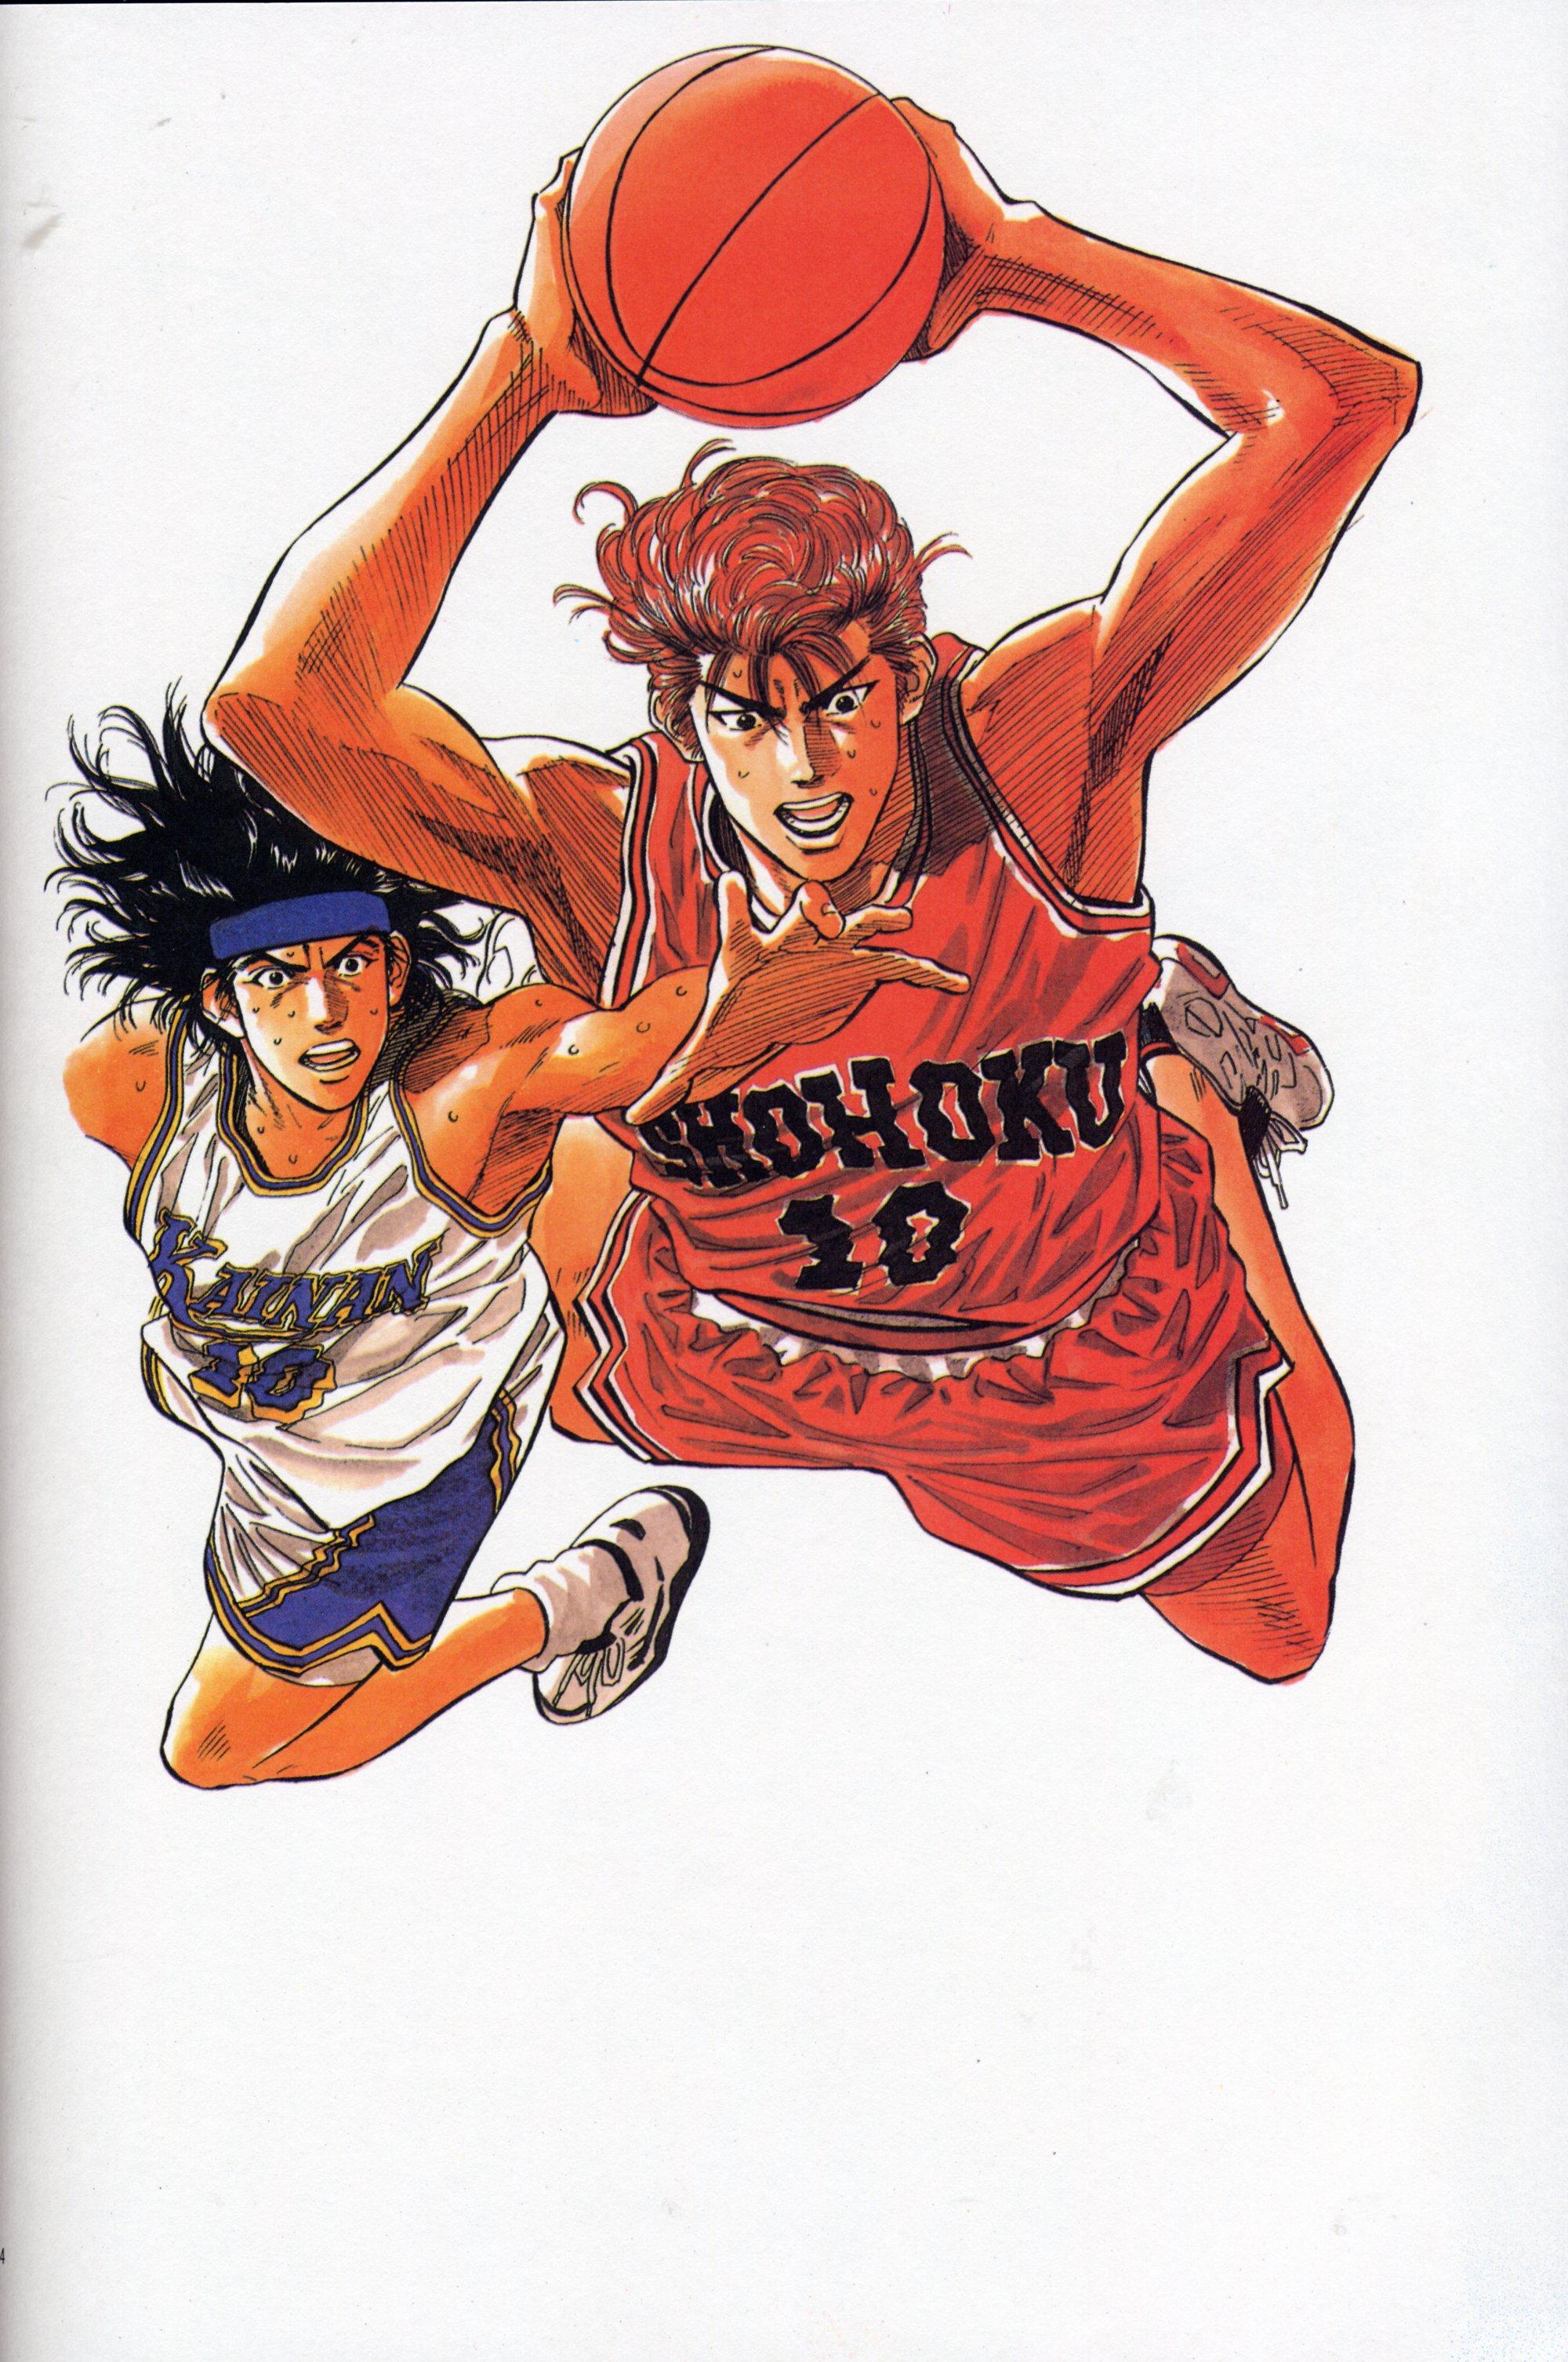 Image Result For Slam Dunk Anime Wallpaper X